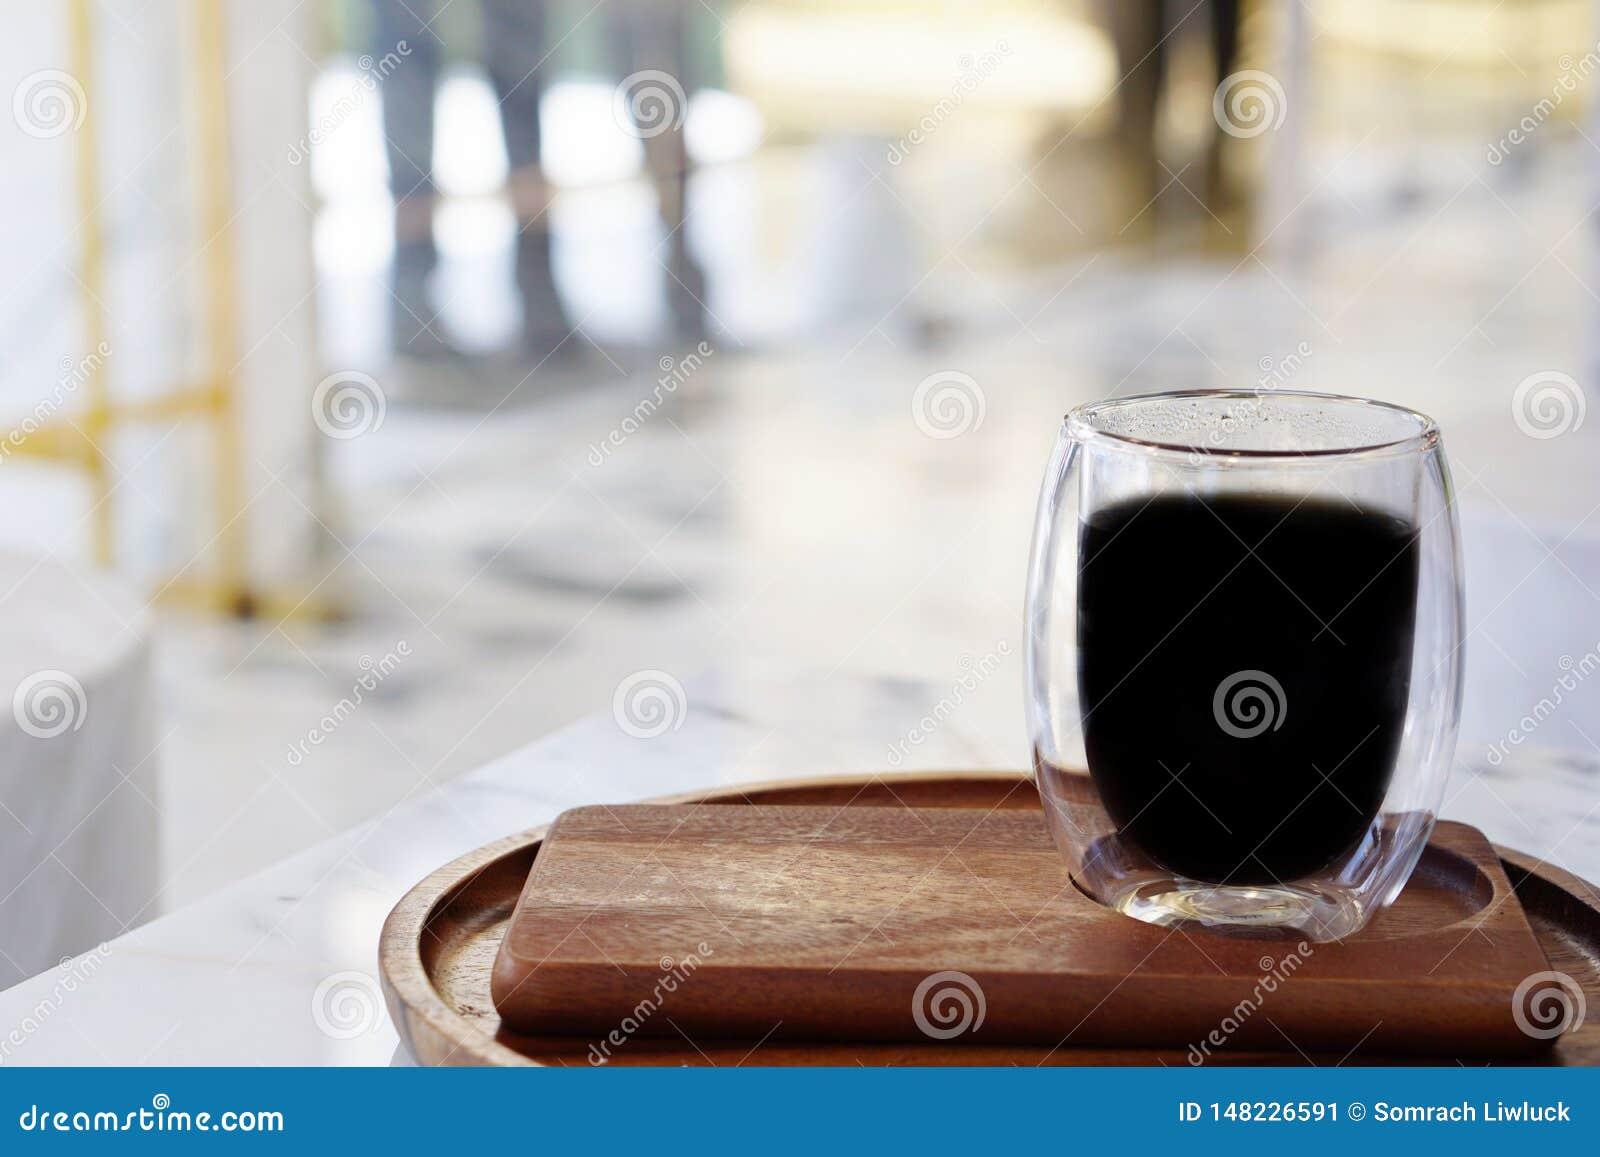 Atmosfären i shoppar med en kopp kaffe med en suddigt bakgrund och ljus